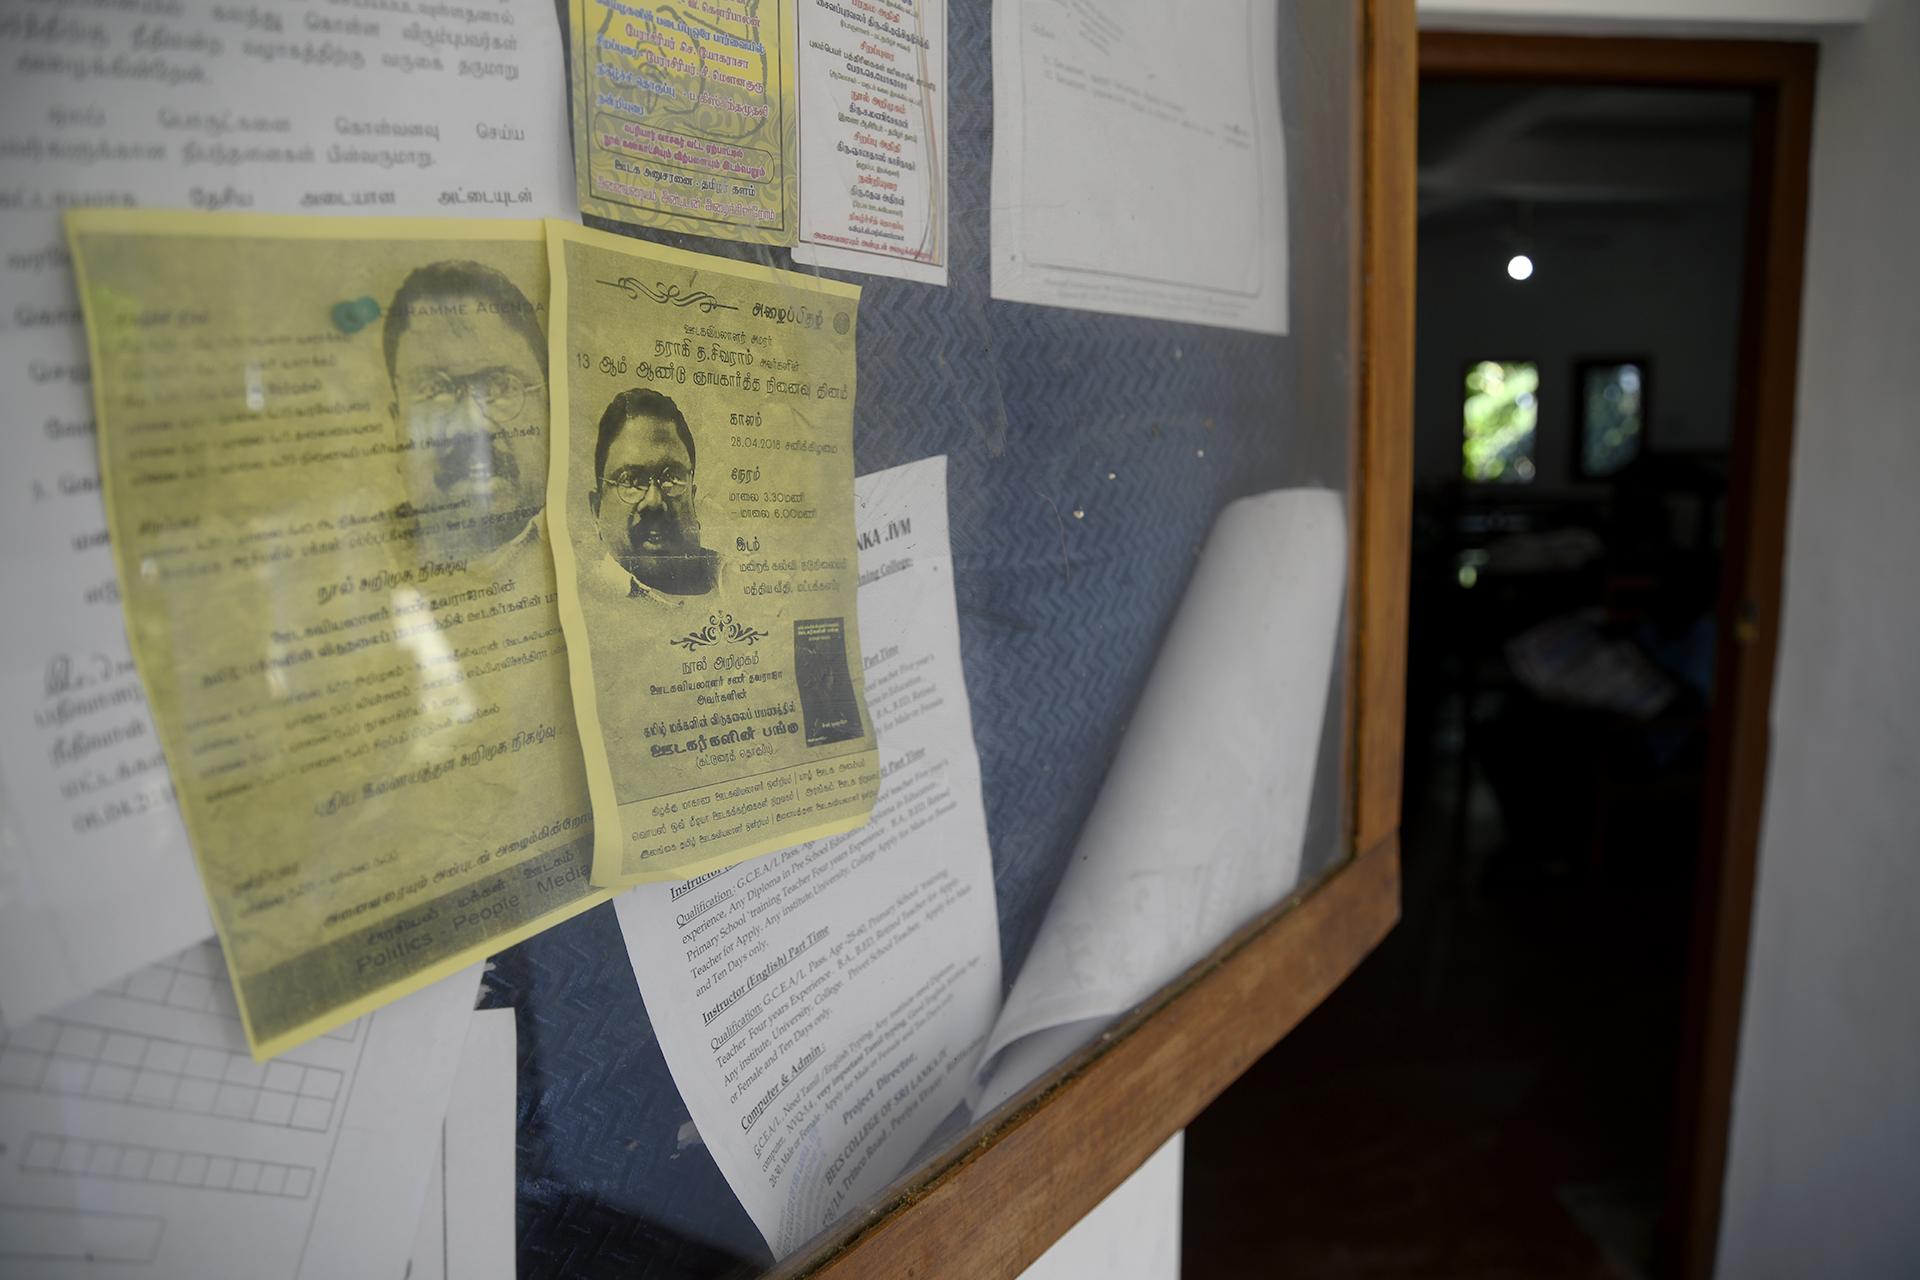 Gotabaya Rajapaksa har fått se listan med namn på de 44 journalister och mediearbetare som dödades i Sri Lanka 2004–2010, men har inte kommenterat den. Foto: Johan Mikaelsson